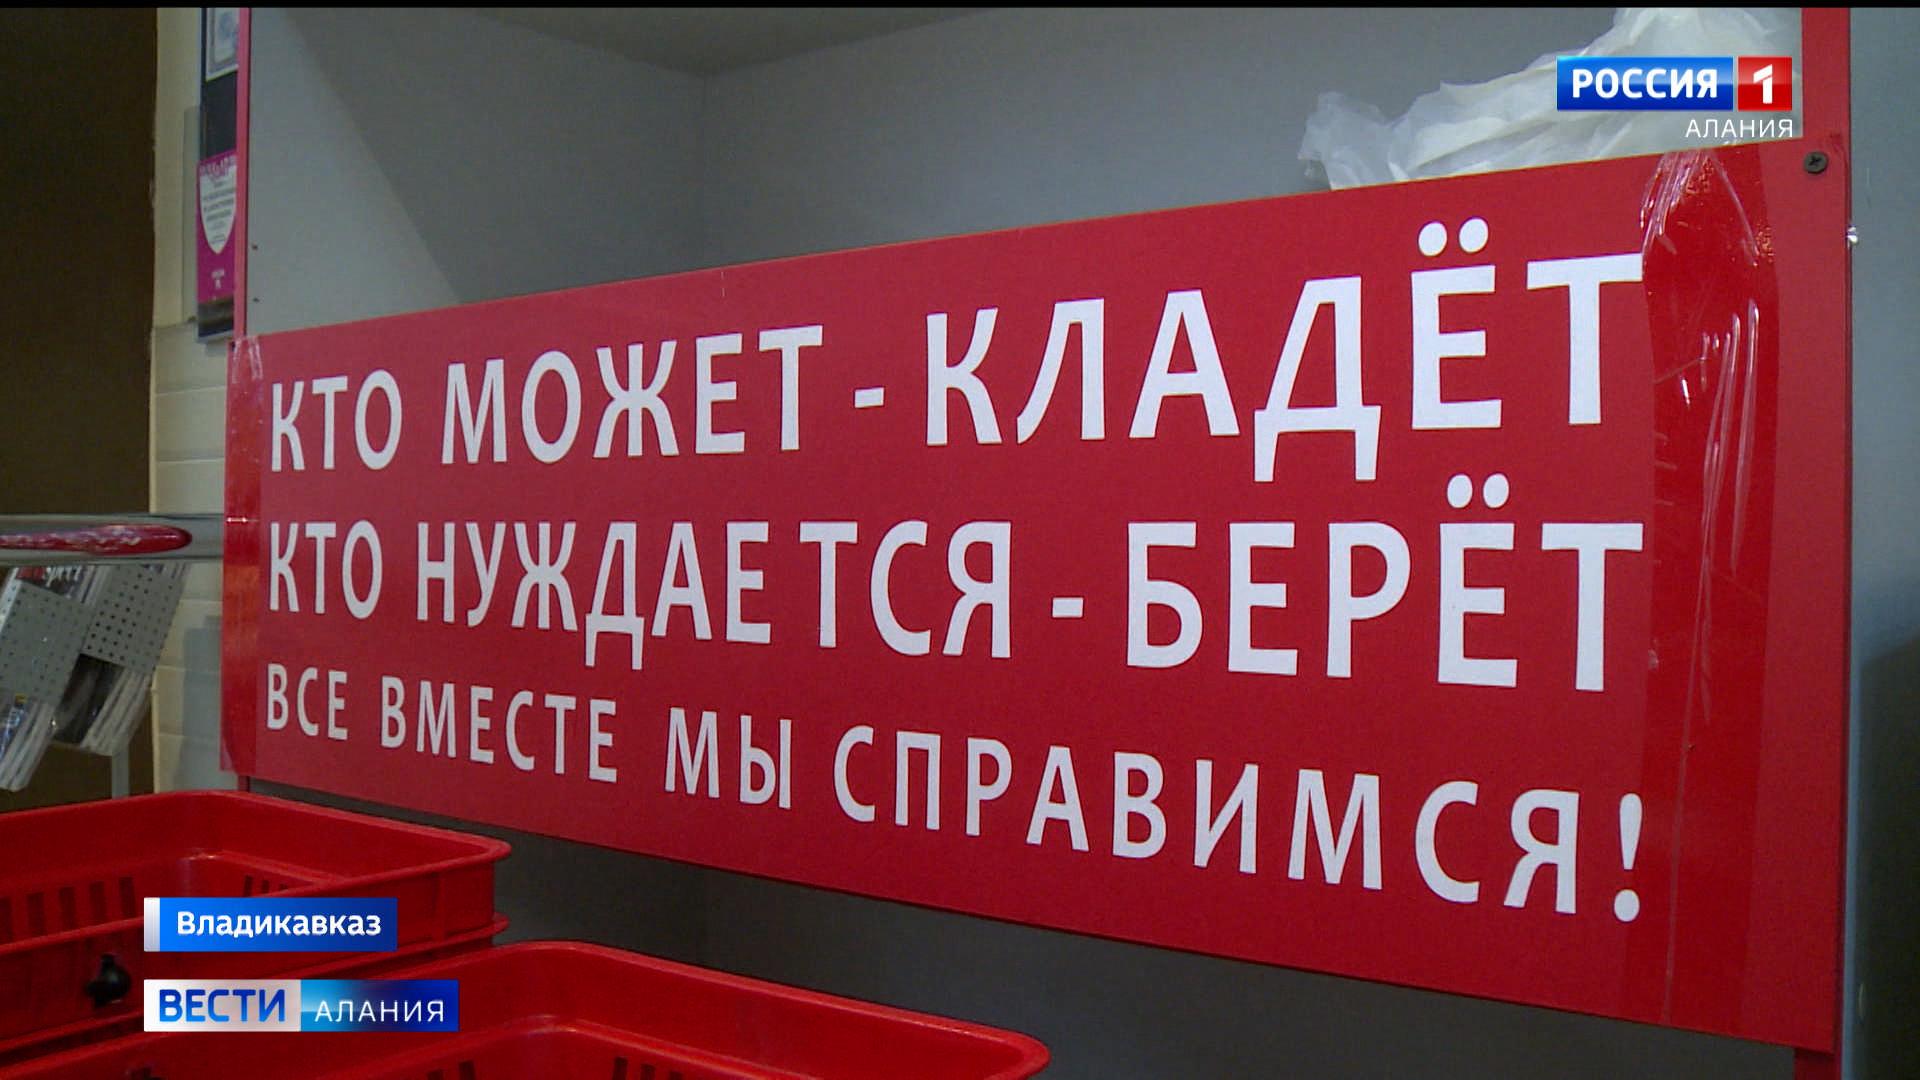 Во Владикавказе продолжается благотворительный сбор продуктов для нуждающихся в рамках акции «Мы вместе»